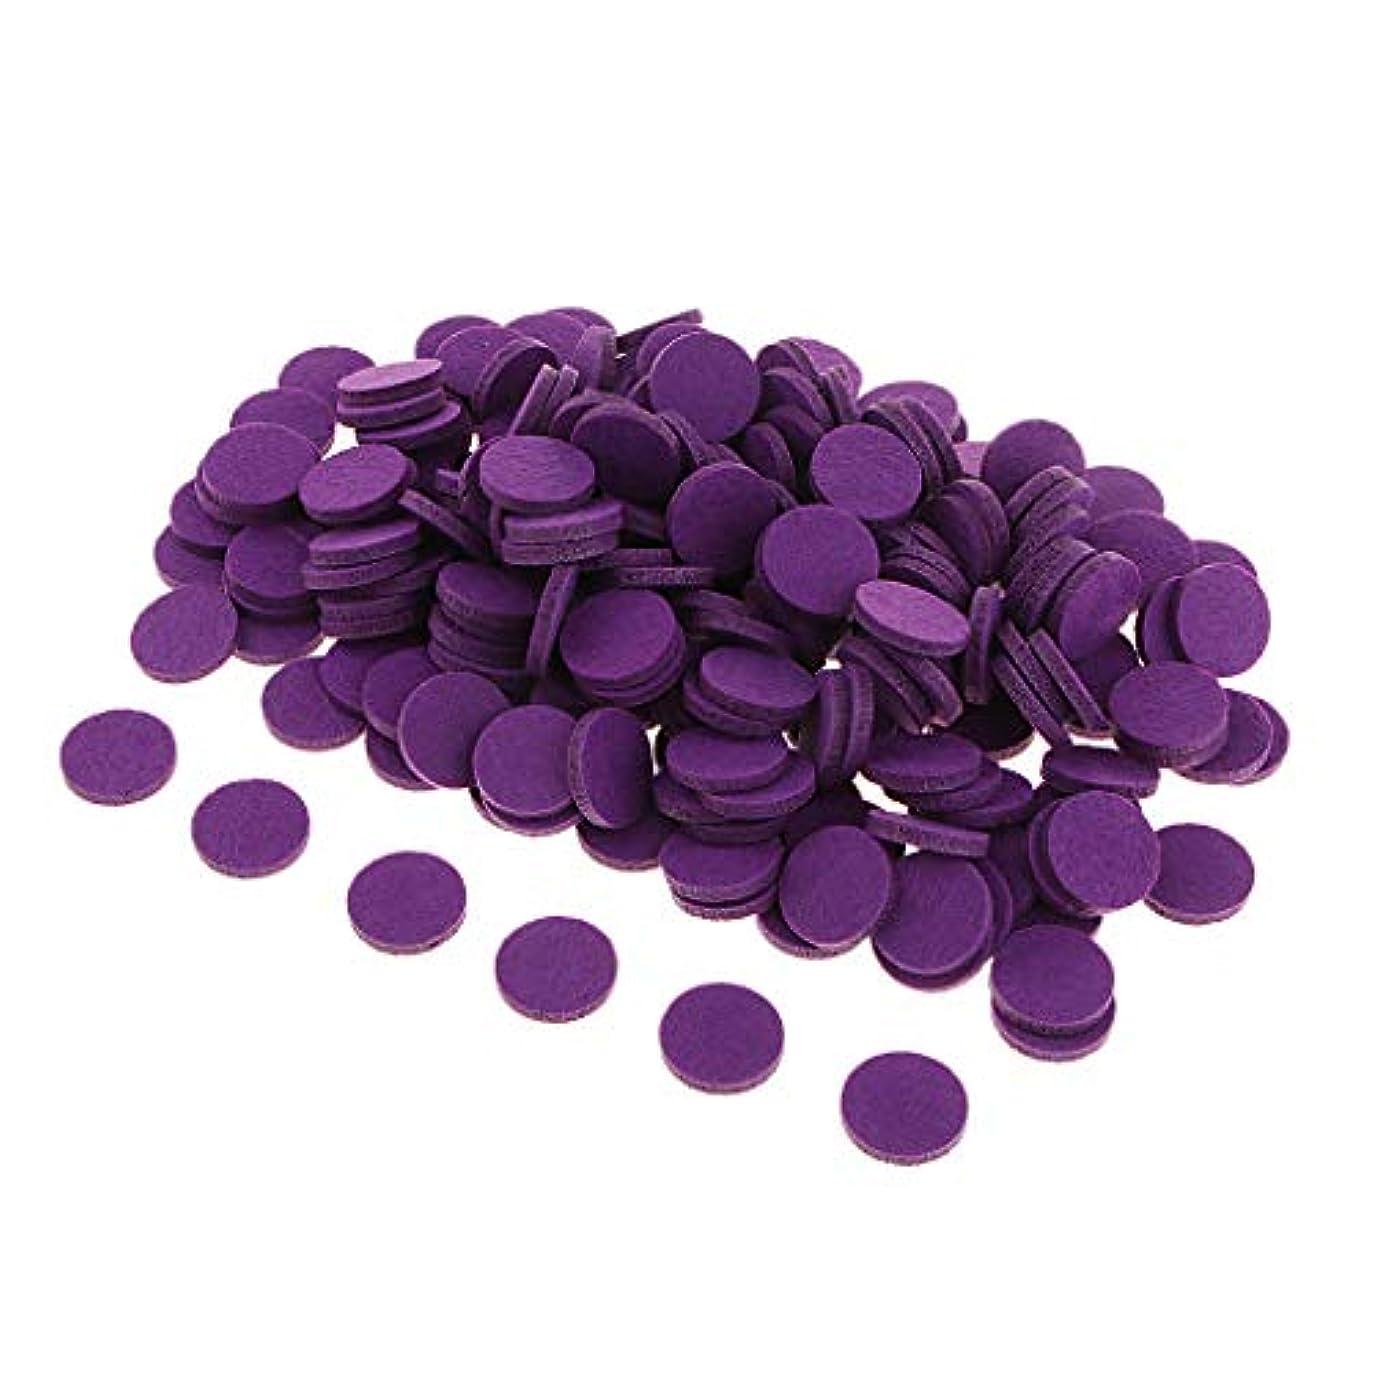 高くムス作る200ピースアロマエッセンシャルオイルディフューザーロケットネックレス詰替フェルトパッド - 紫の